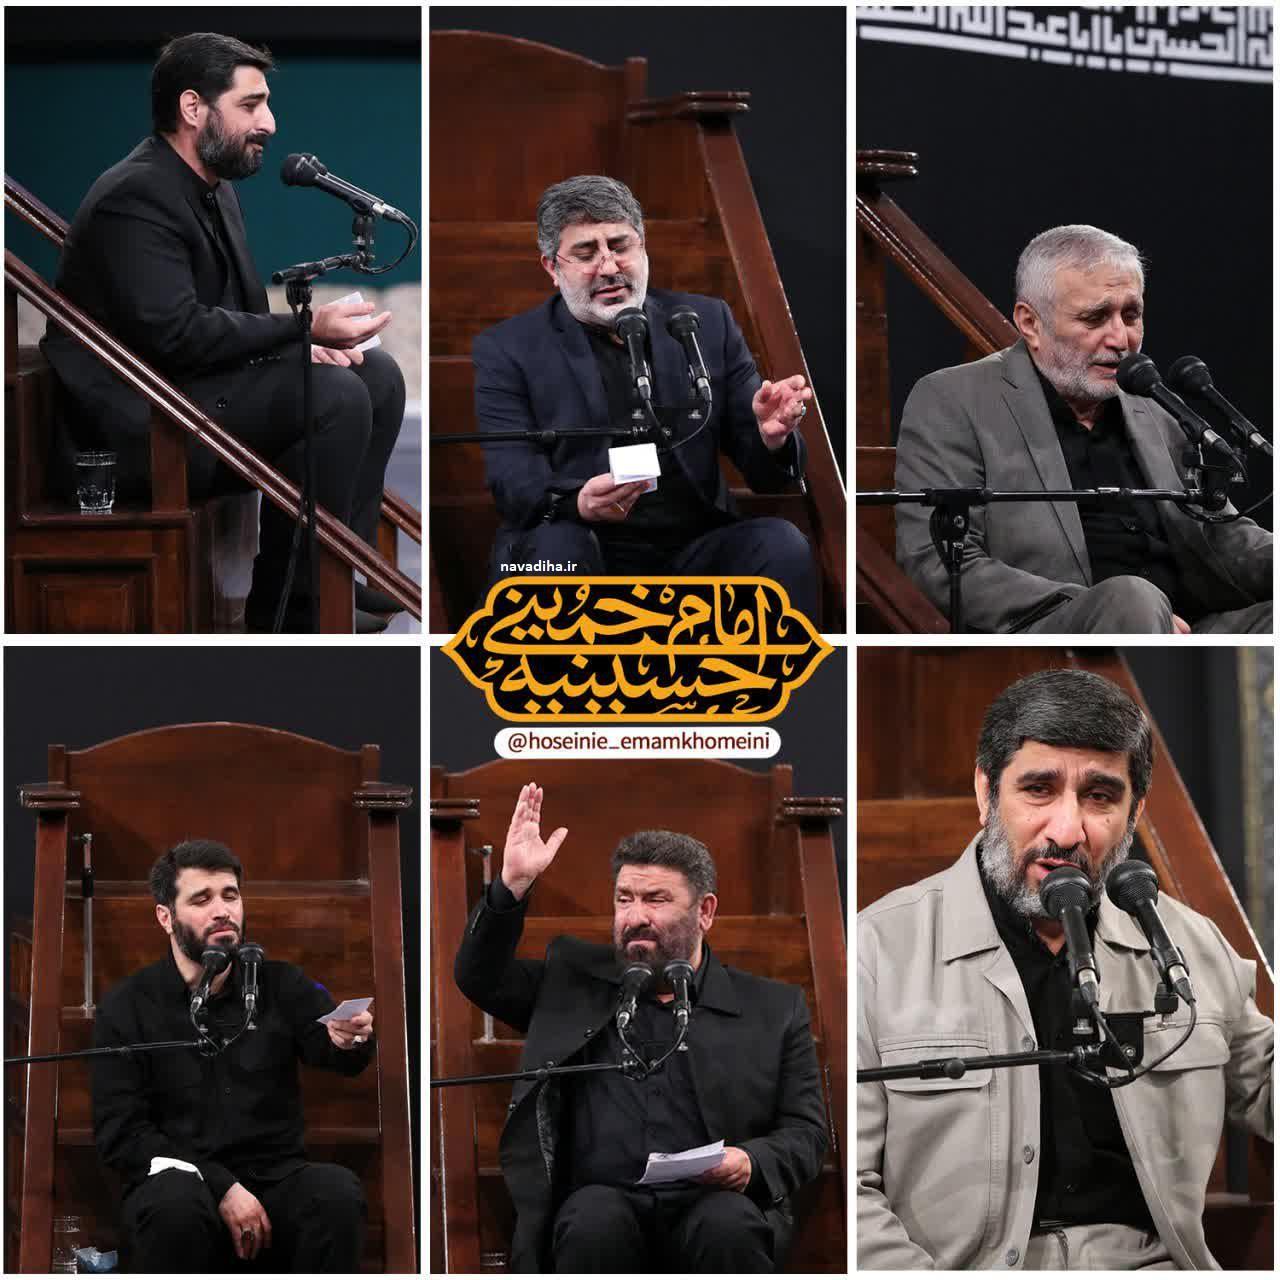 فیلم مداحی های شهادت امام سجاد (ع) بیت رهبری ۹۹